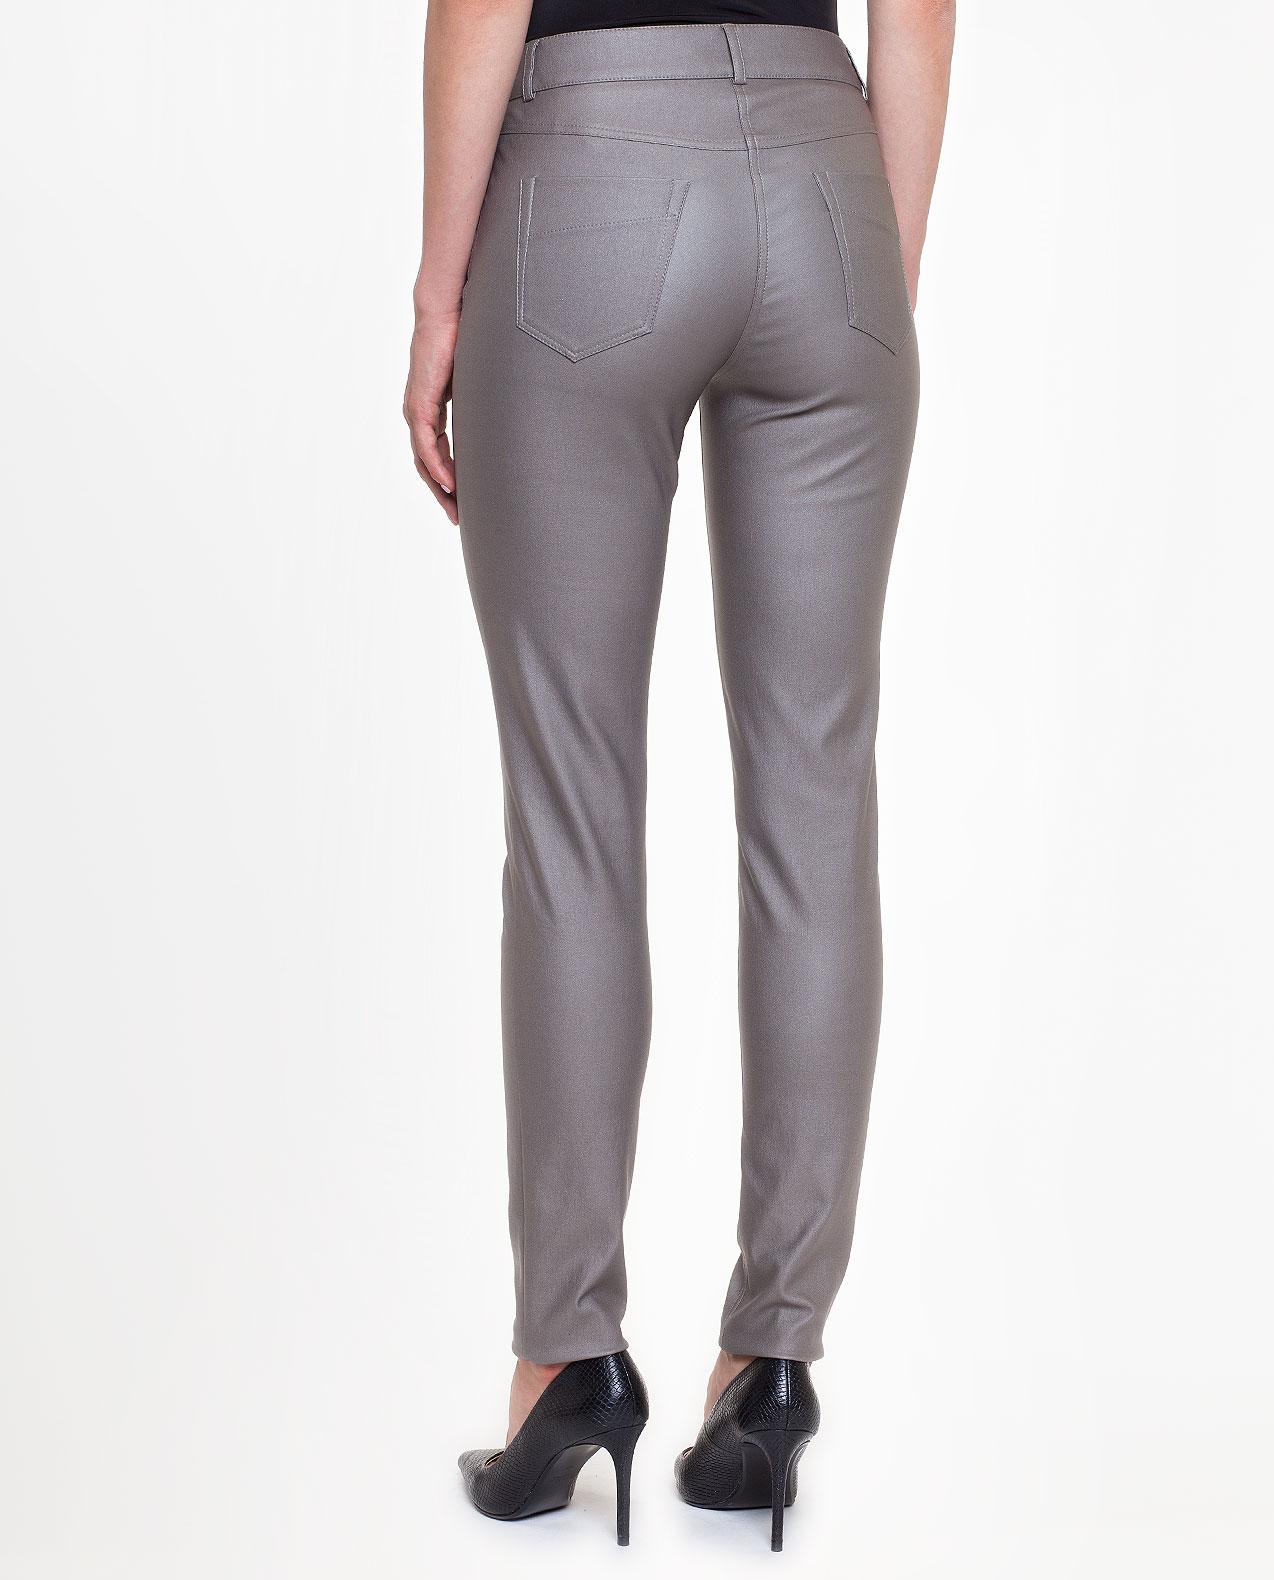 spodnie rest